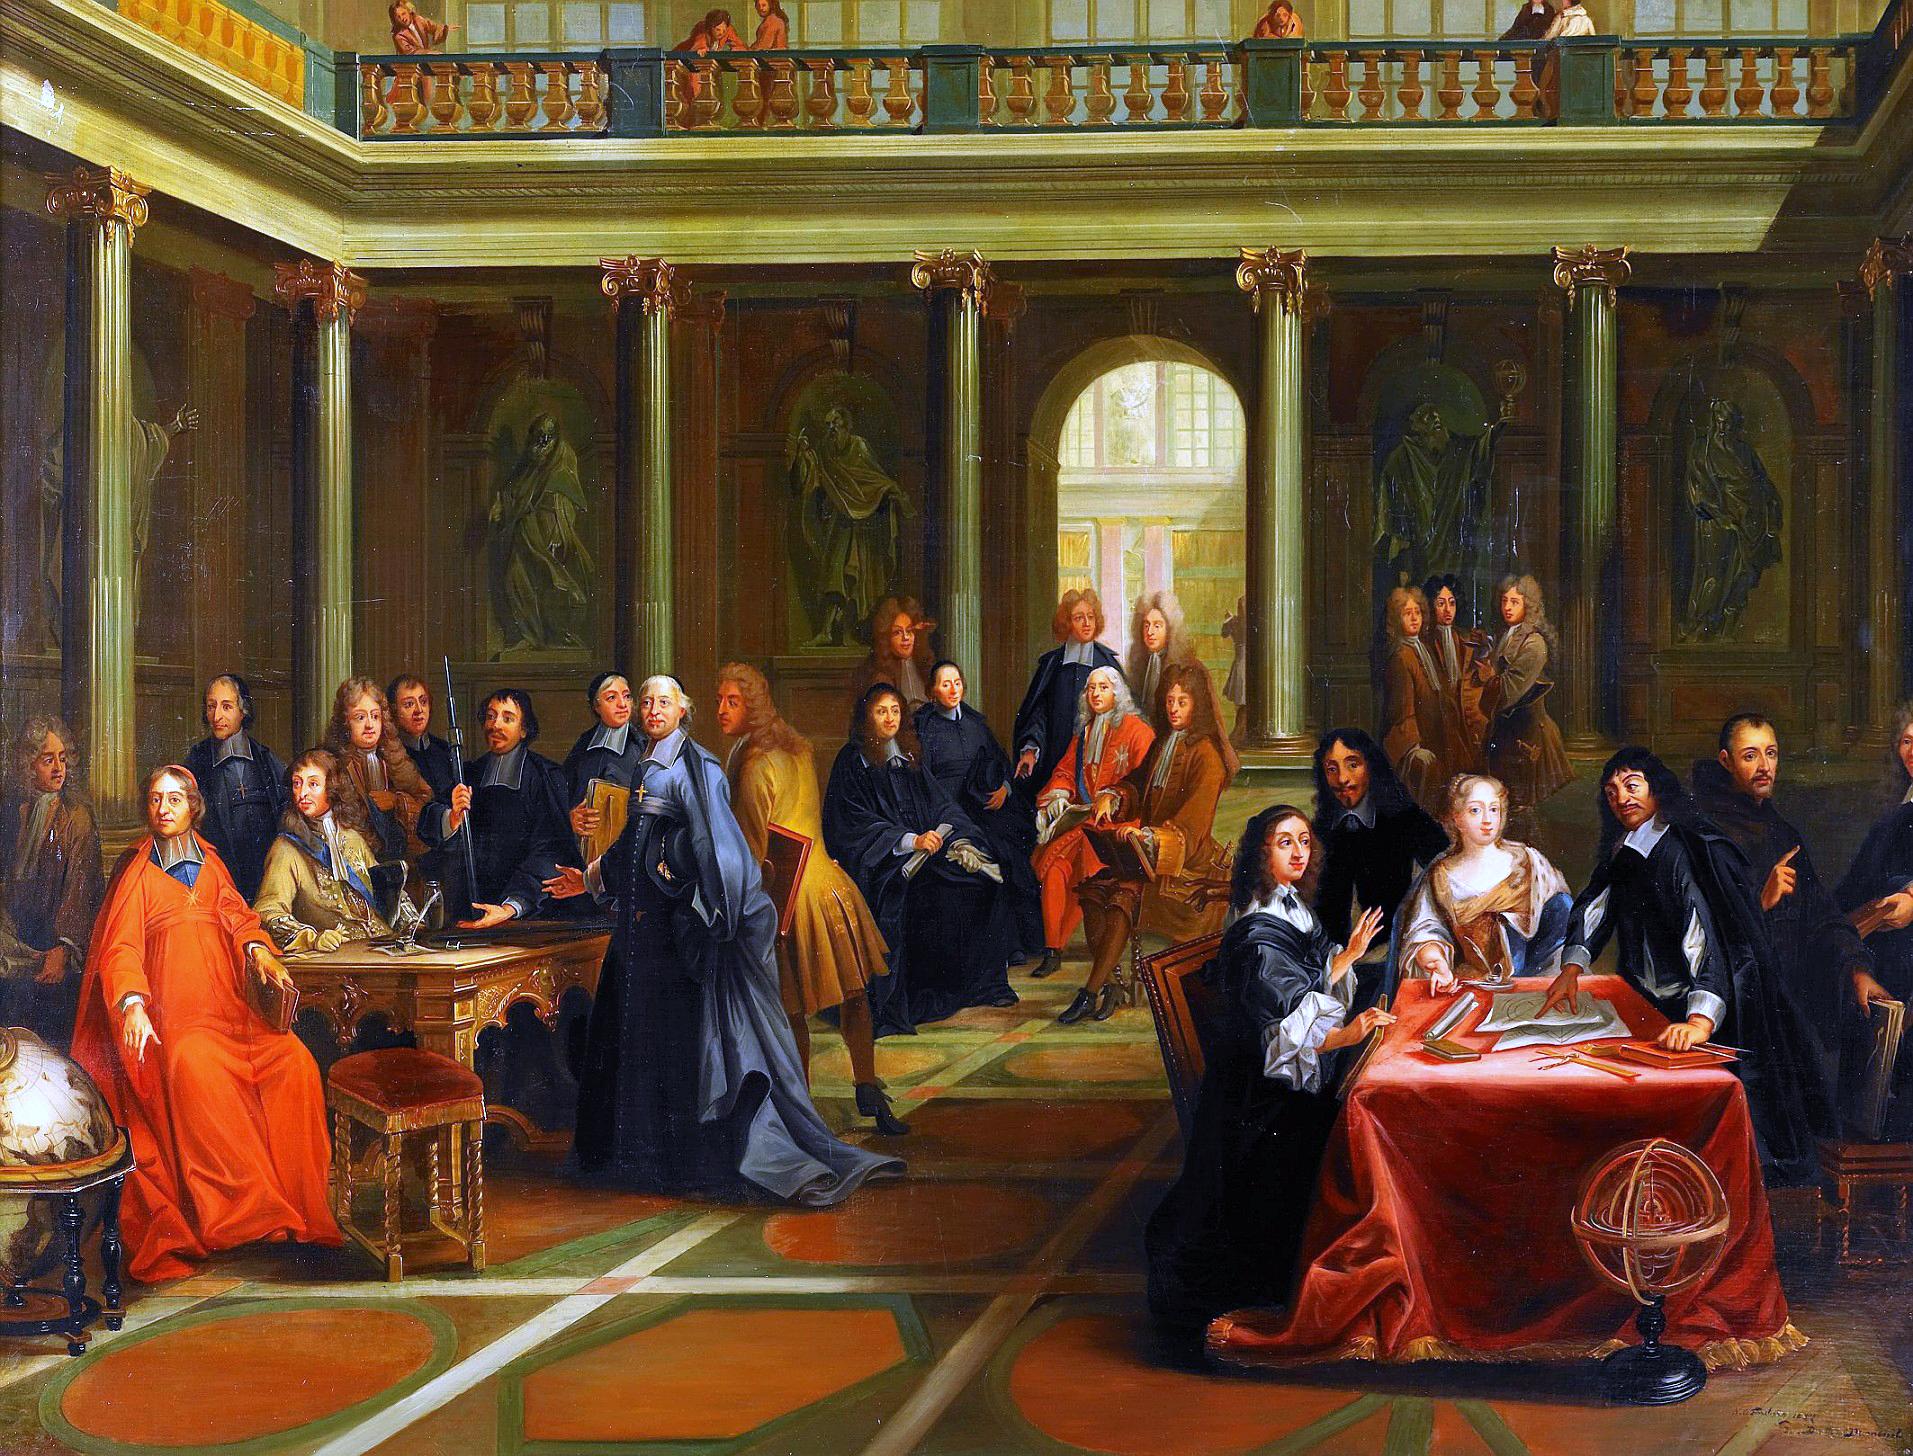 Dyskusja Kartezjusza zkrólową Krystyną Kopia obrazuPierre'a Louisa Dumesnila(1698–1781) przedstawia m.in.Kartezjusza na dworze królowej Krystyny Szwedzkiej. Ostatnie lata życia Kartezjusz spędził właśnie wSzwecji (tam zmarł), gdzie zakładał Akademię Nauk. Źródło: Nils Forsberg, Dyskusja Kartezjusza zkrólową Krystyną, 1884, domena publiczna.